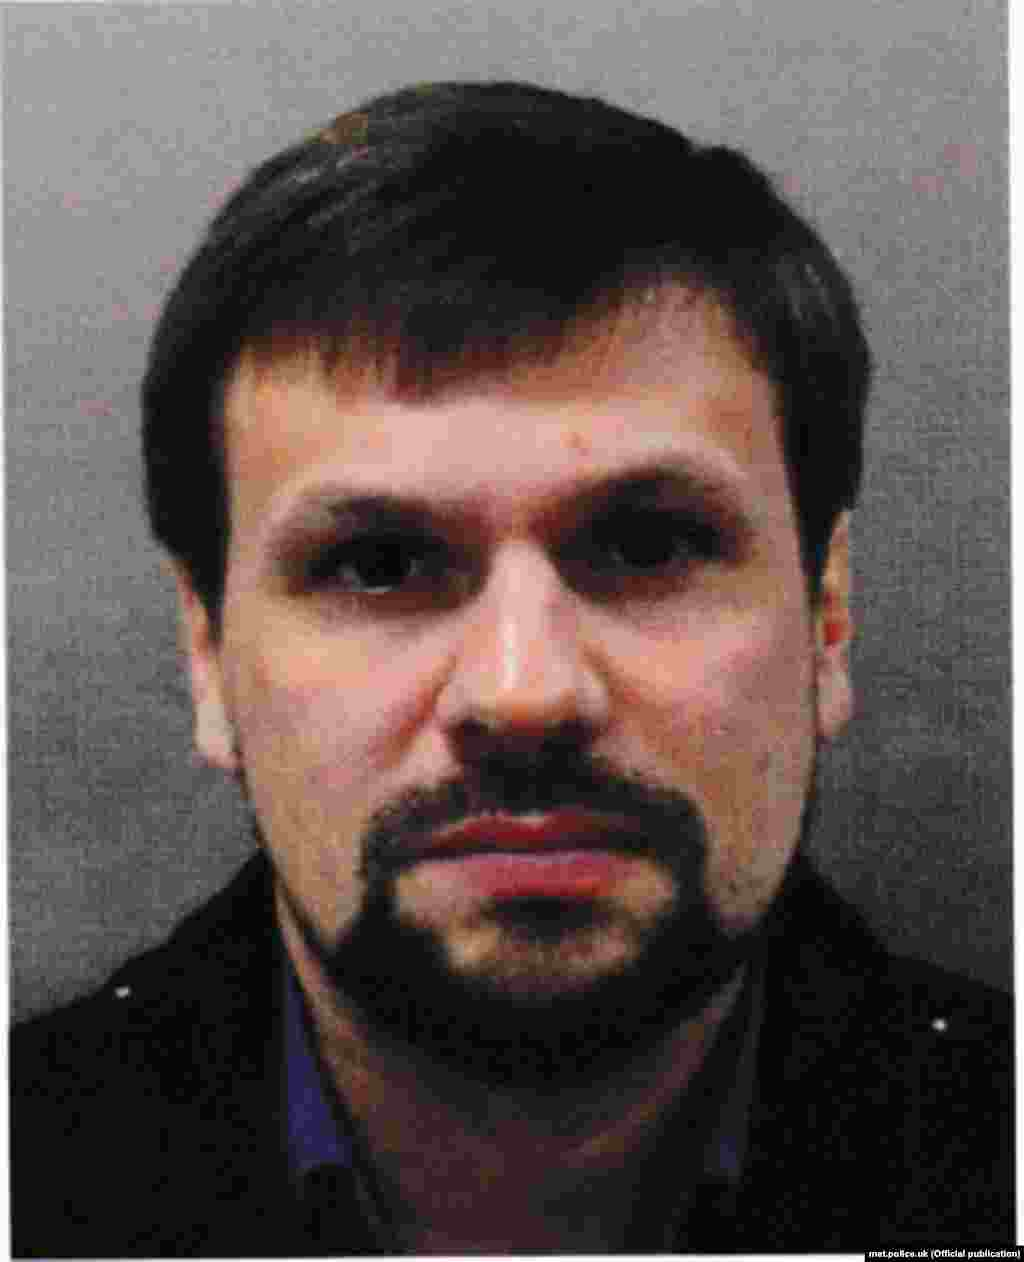 Подозреваемый британской полицией в покушении на Сергея и Юлию Скрипаль по имени Руслан Боширов.